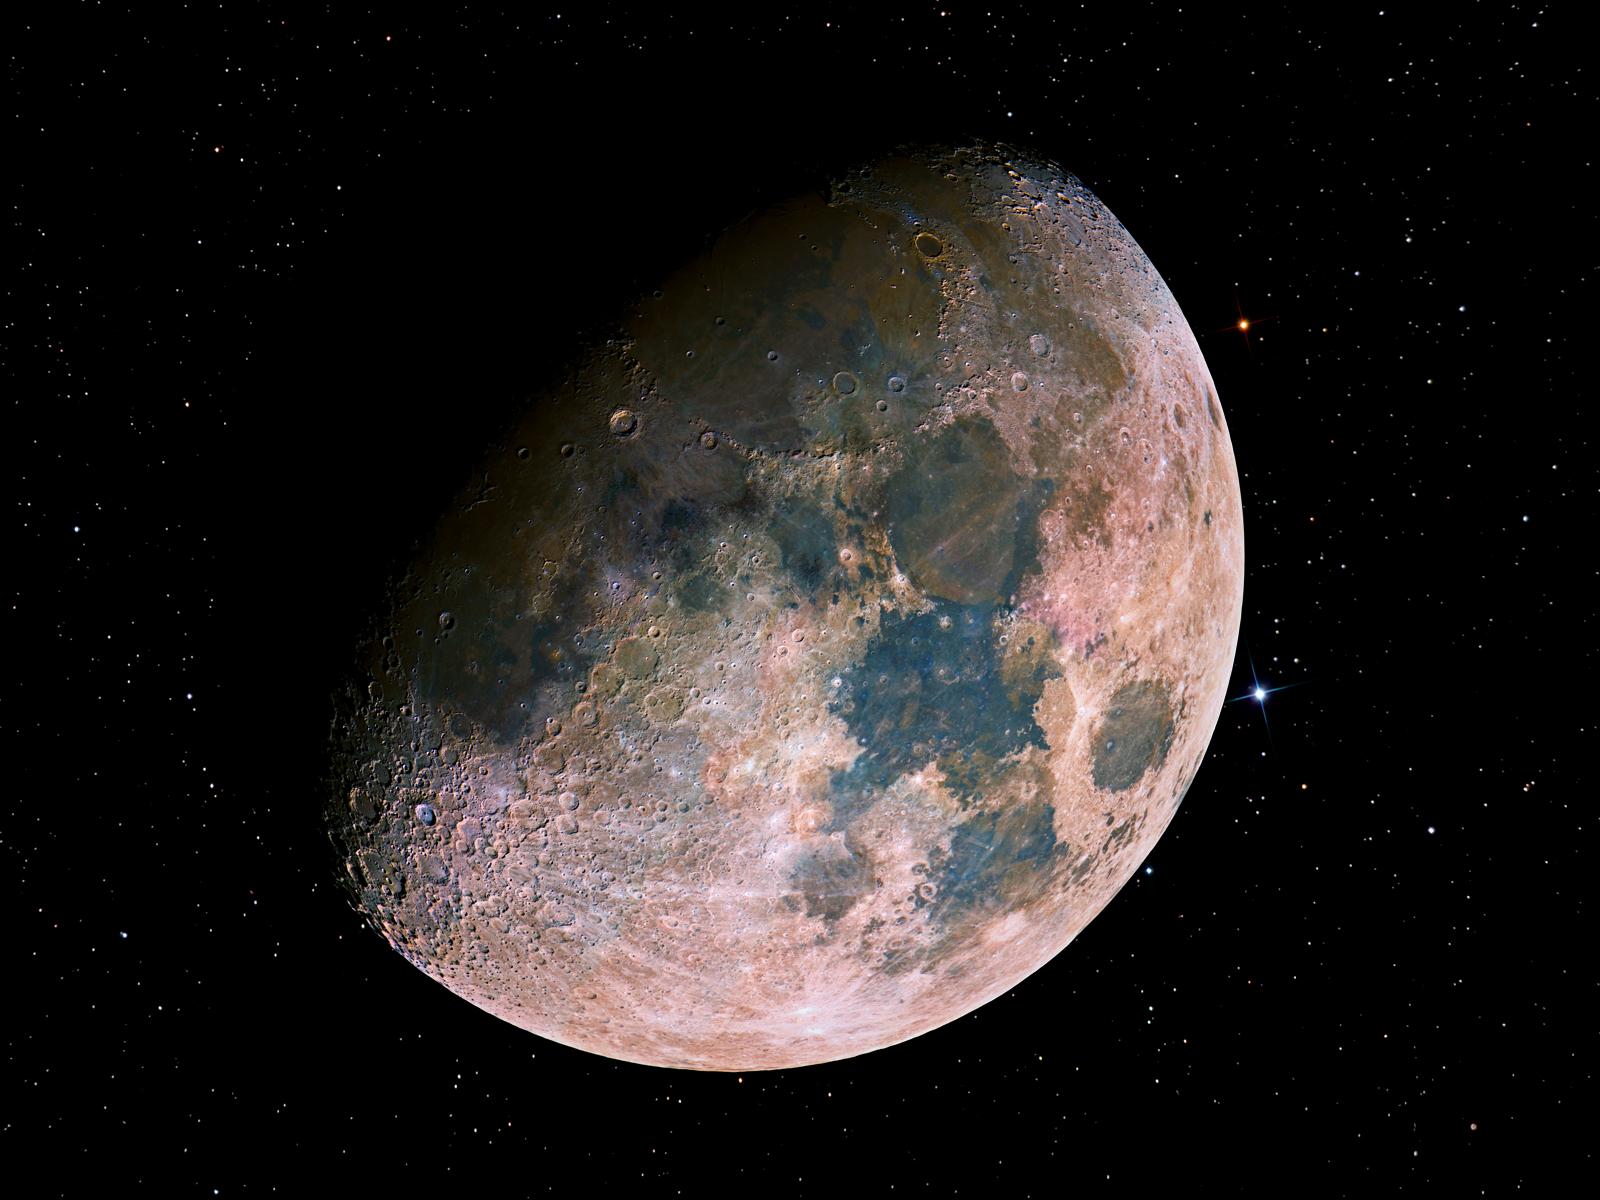 Entfernungsmessung Mit Cepheiden : Kosmische entfernungen max planck institut für radioastronomie